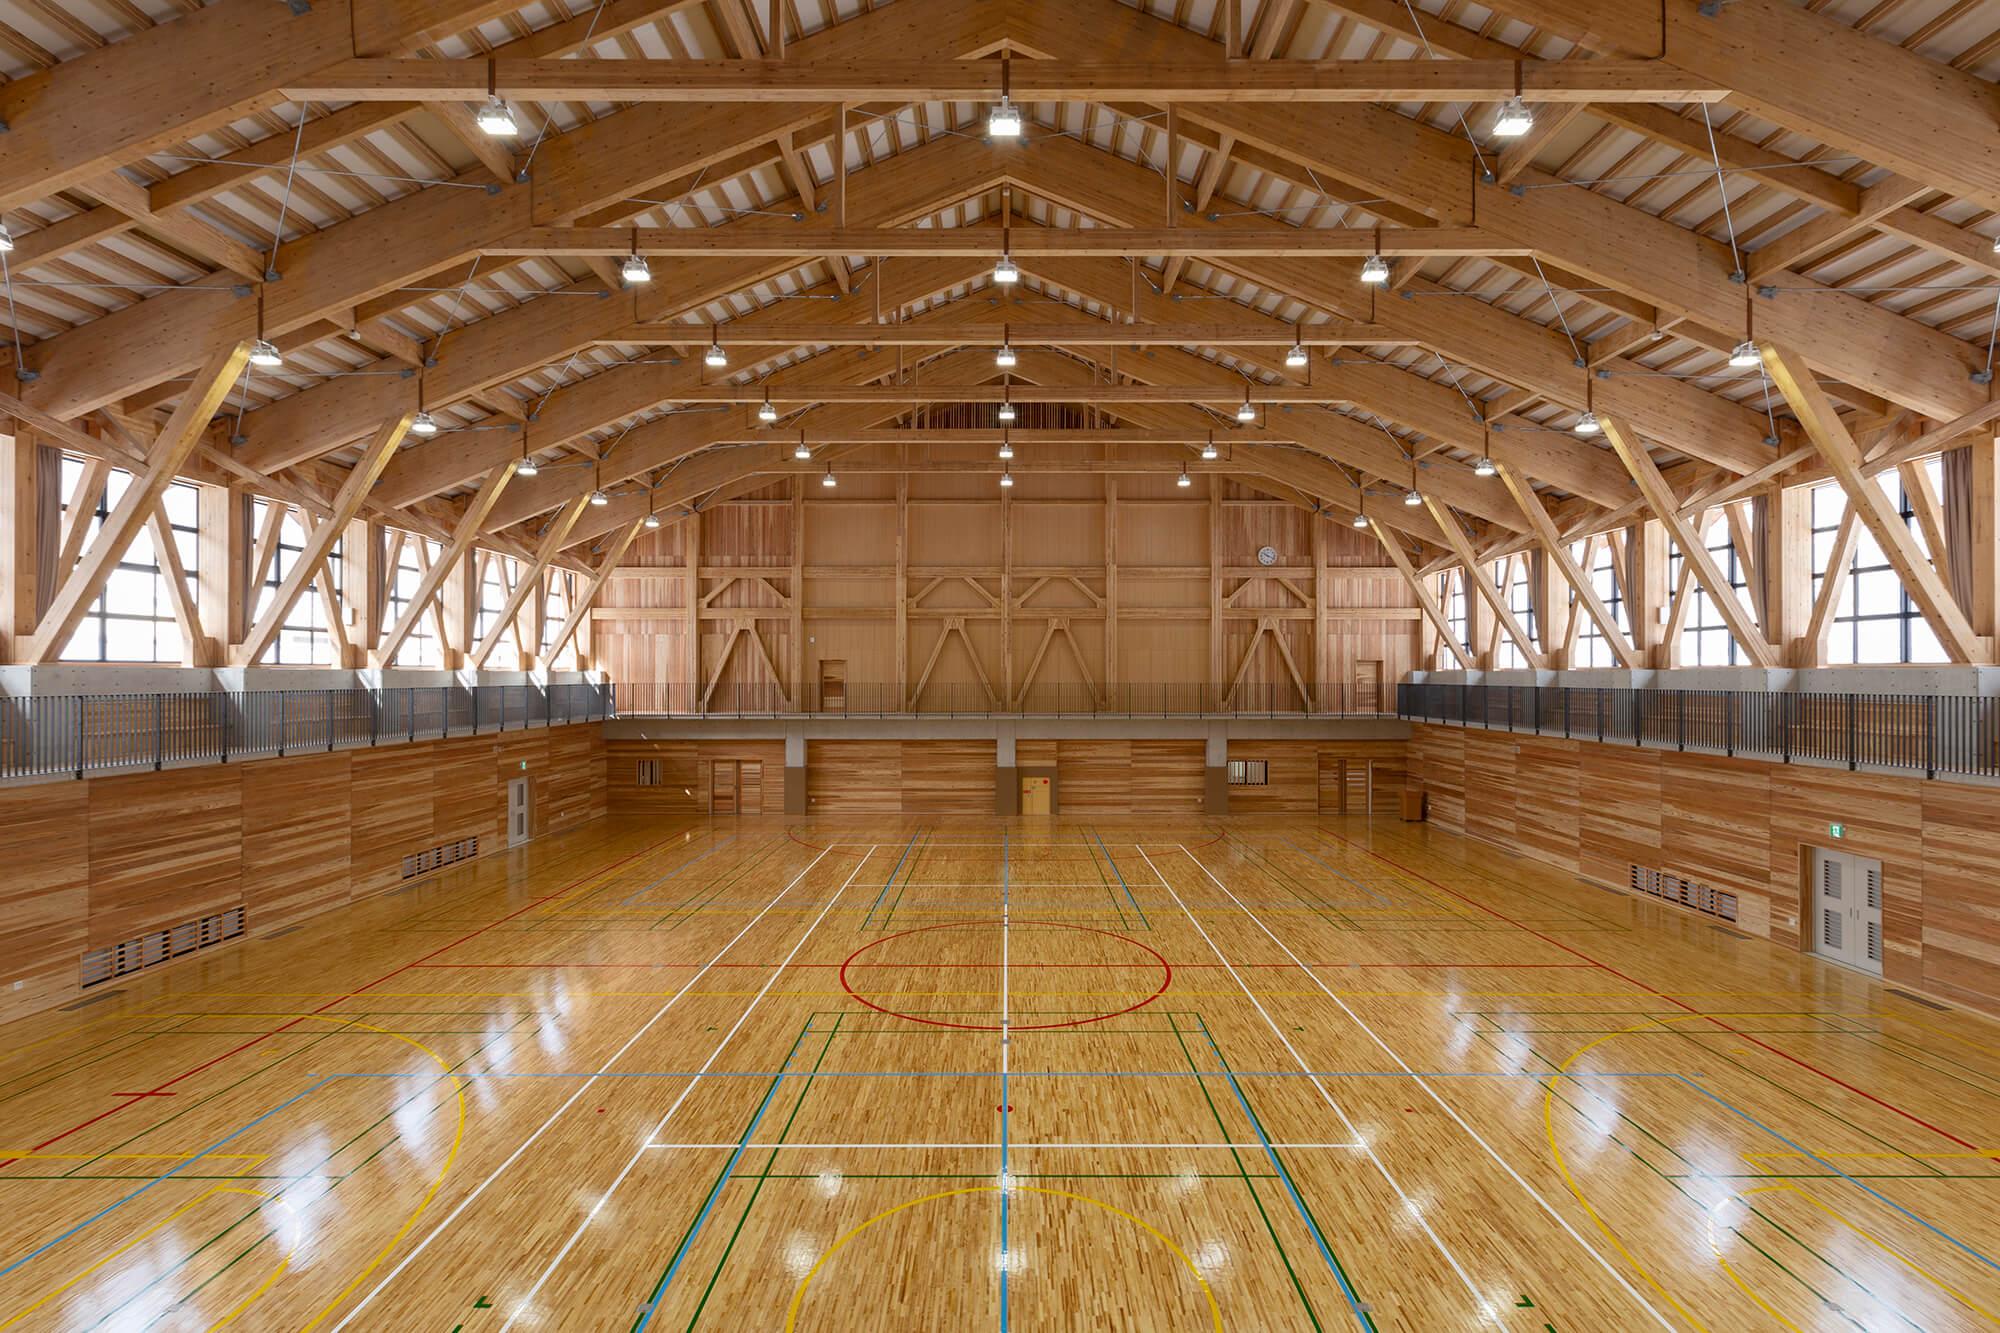 木造建築の施工事例:日南町体育館 3枚目